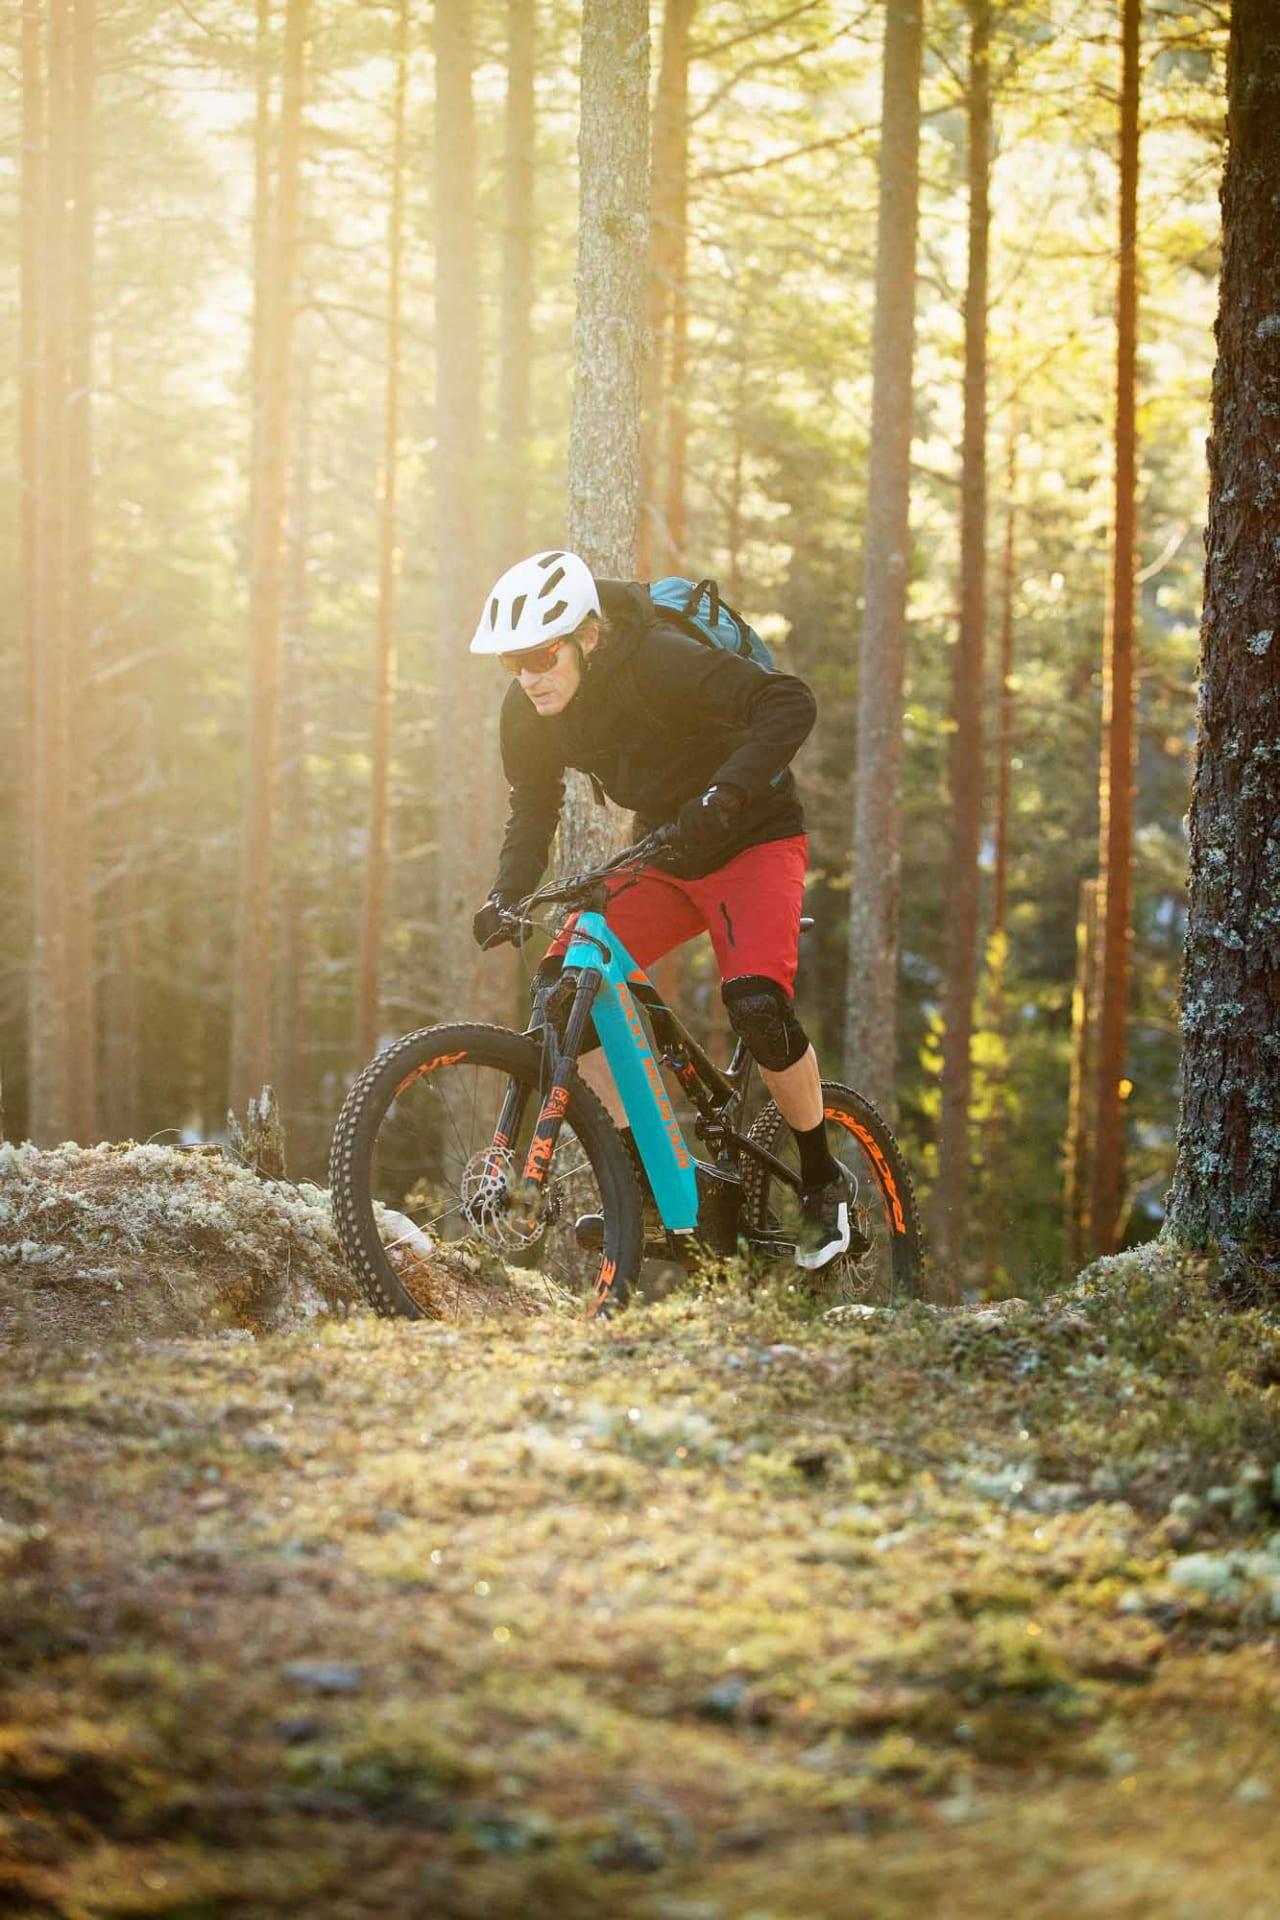 BAKVENDT: Med ekstra watt kan du komme deg opp klatringer du bare drømte om, eller ikke har orket. Øyvind Aas sykler for artighetens skyld opp en bratt utforkjøring under sykkeltesting i Trysil på Rocky Mountain Altitude Powerplay. Foto: Kristoffer H. Kippernes